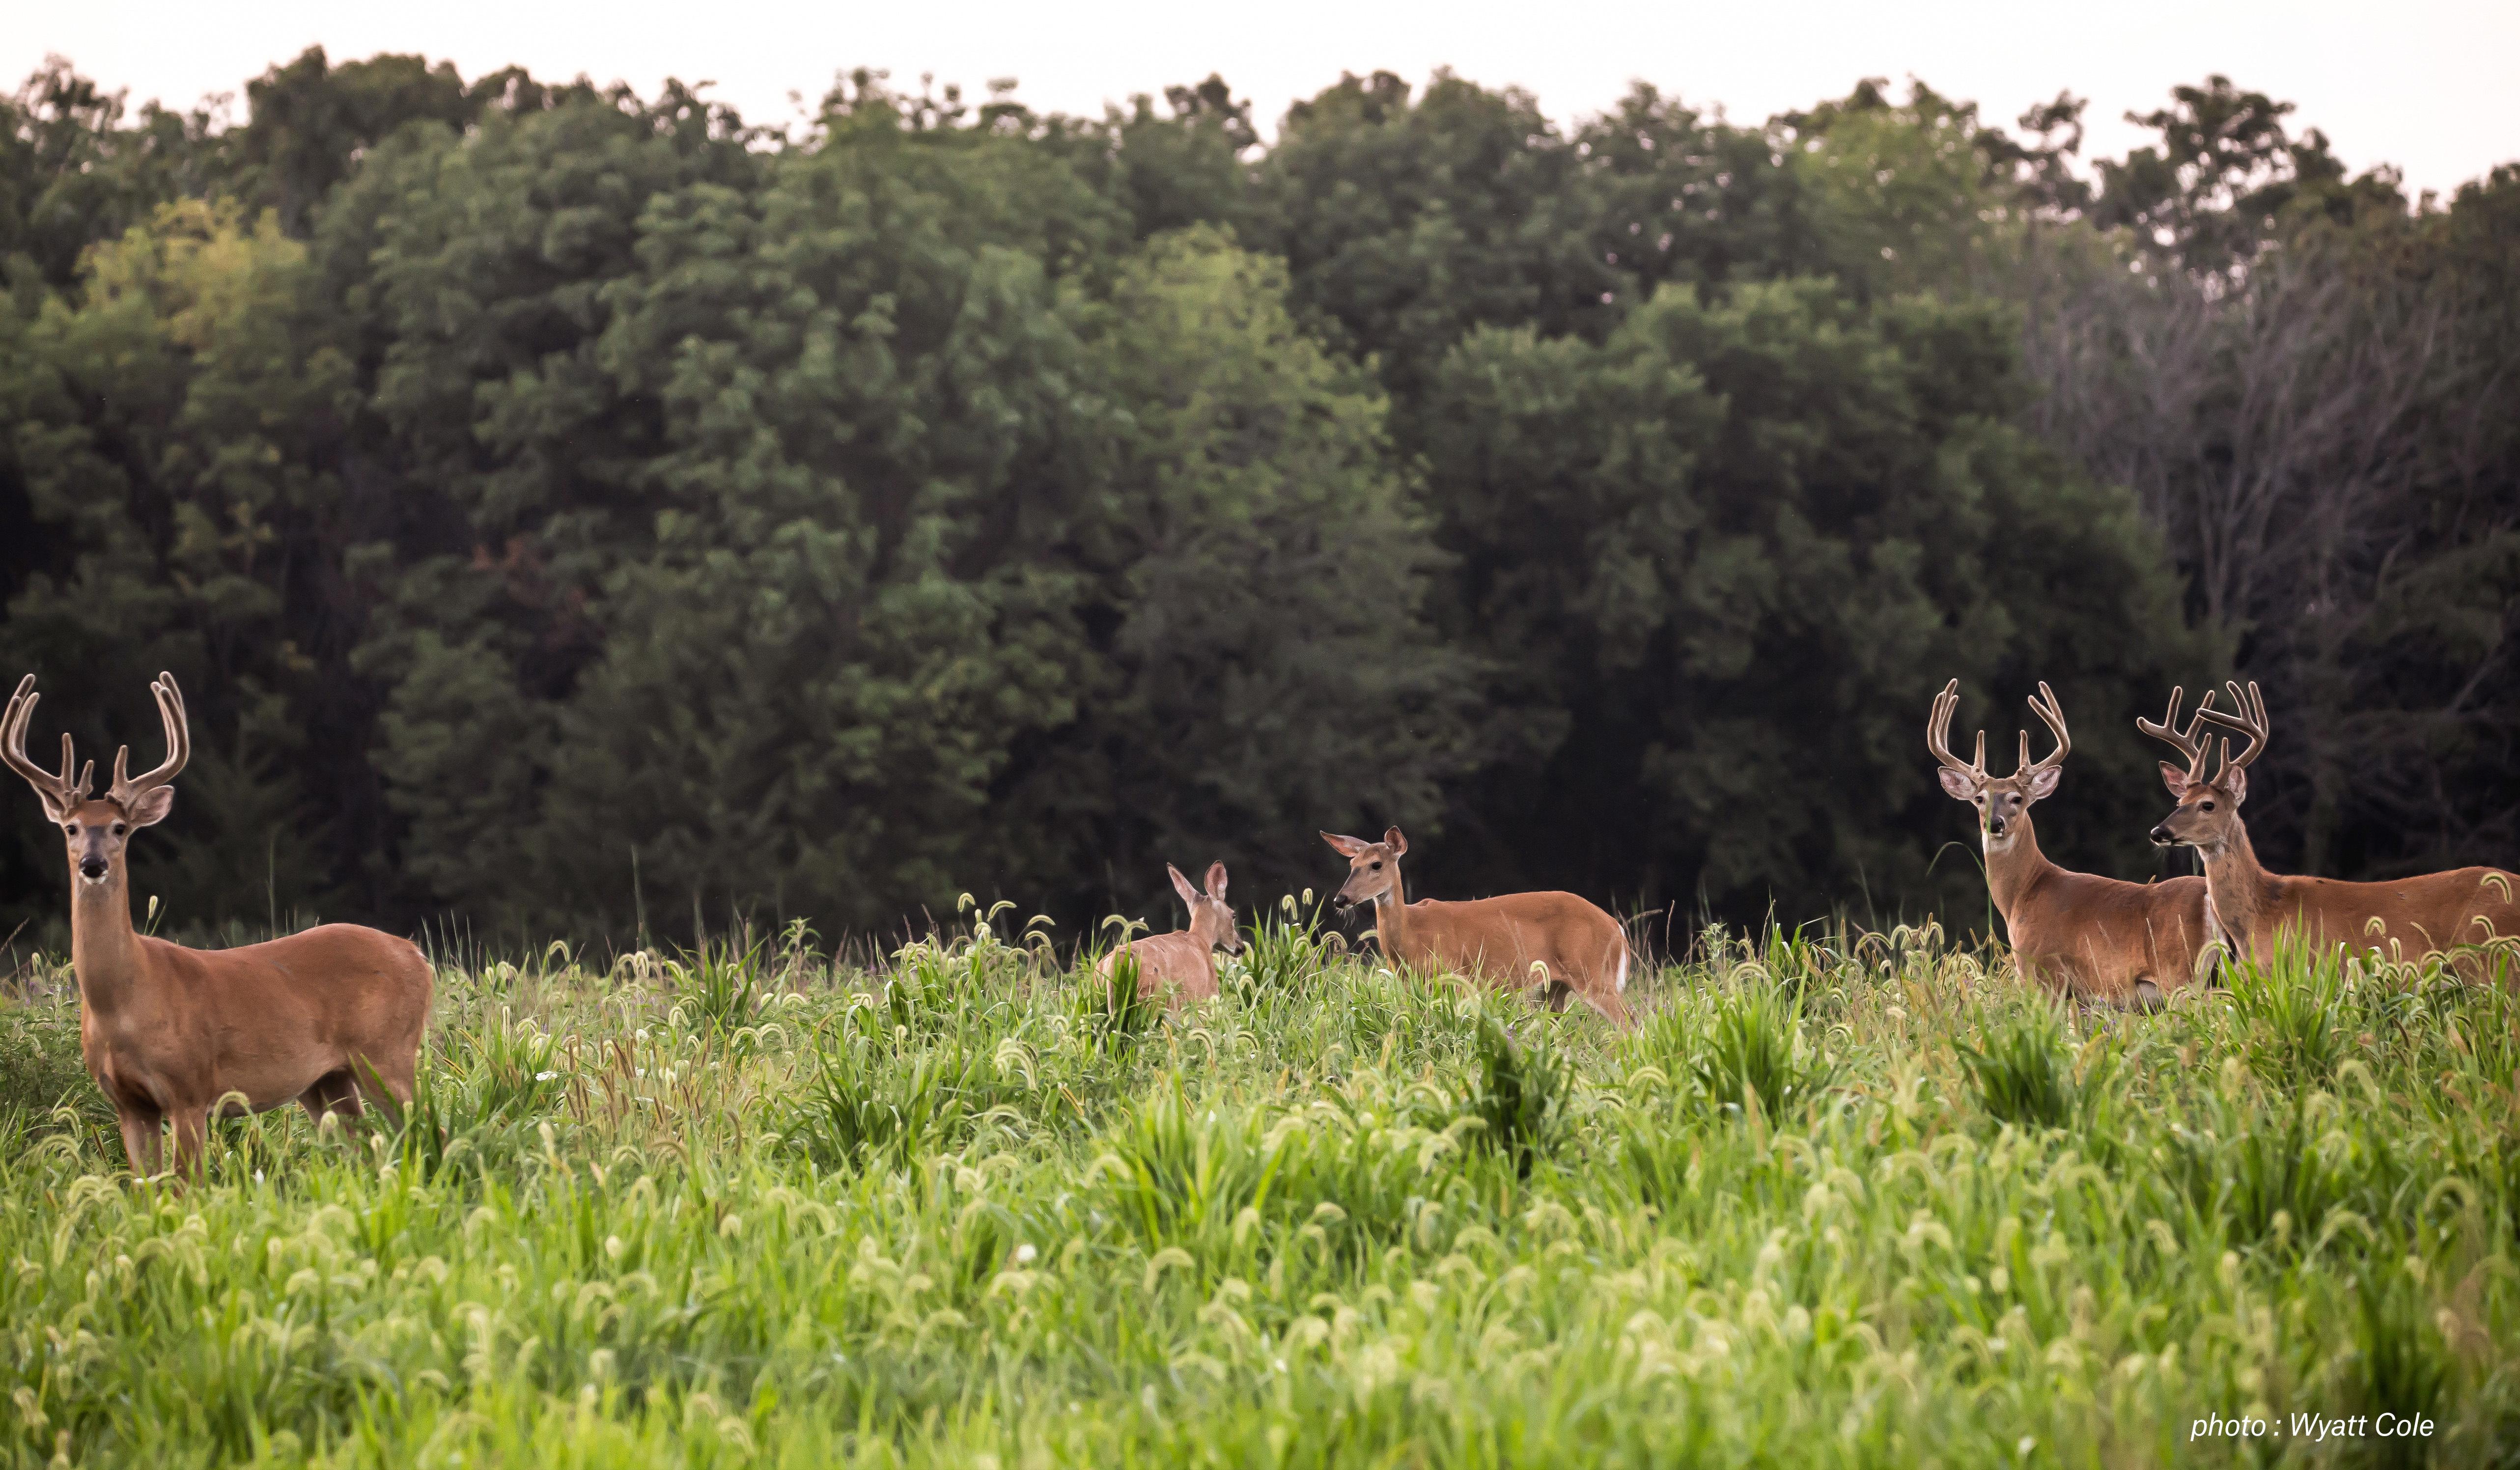 Deer in a field.